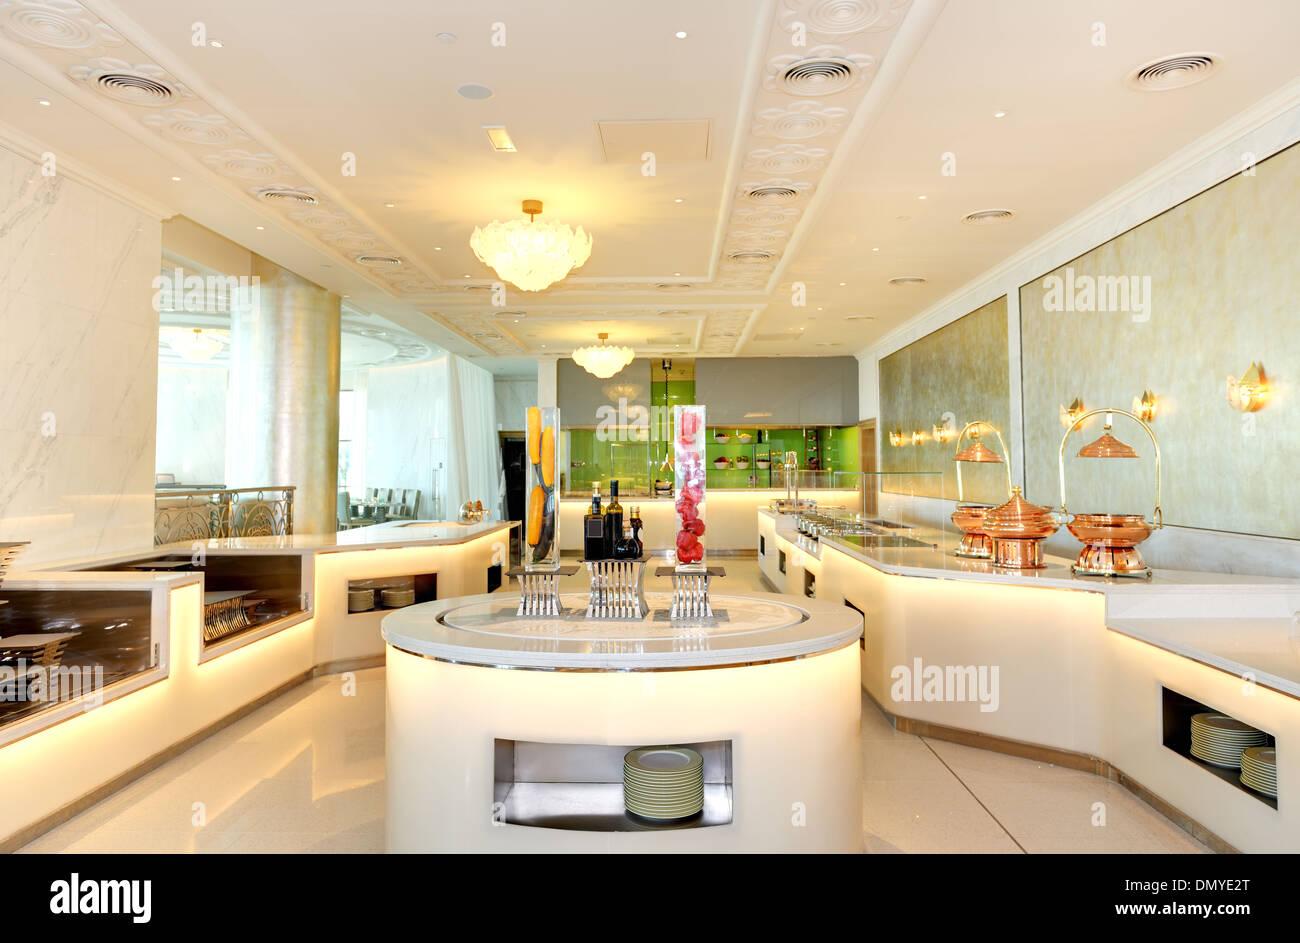 https://c8.alamy.com/compde/dmye2t/das-interieur-des-luxushotels-ras-al-khaimah-vereinigte-arabische-emirate-dmye2t.jpg